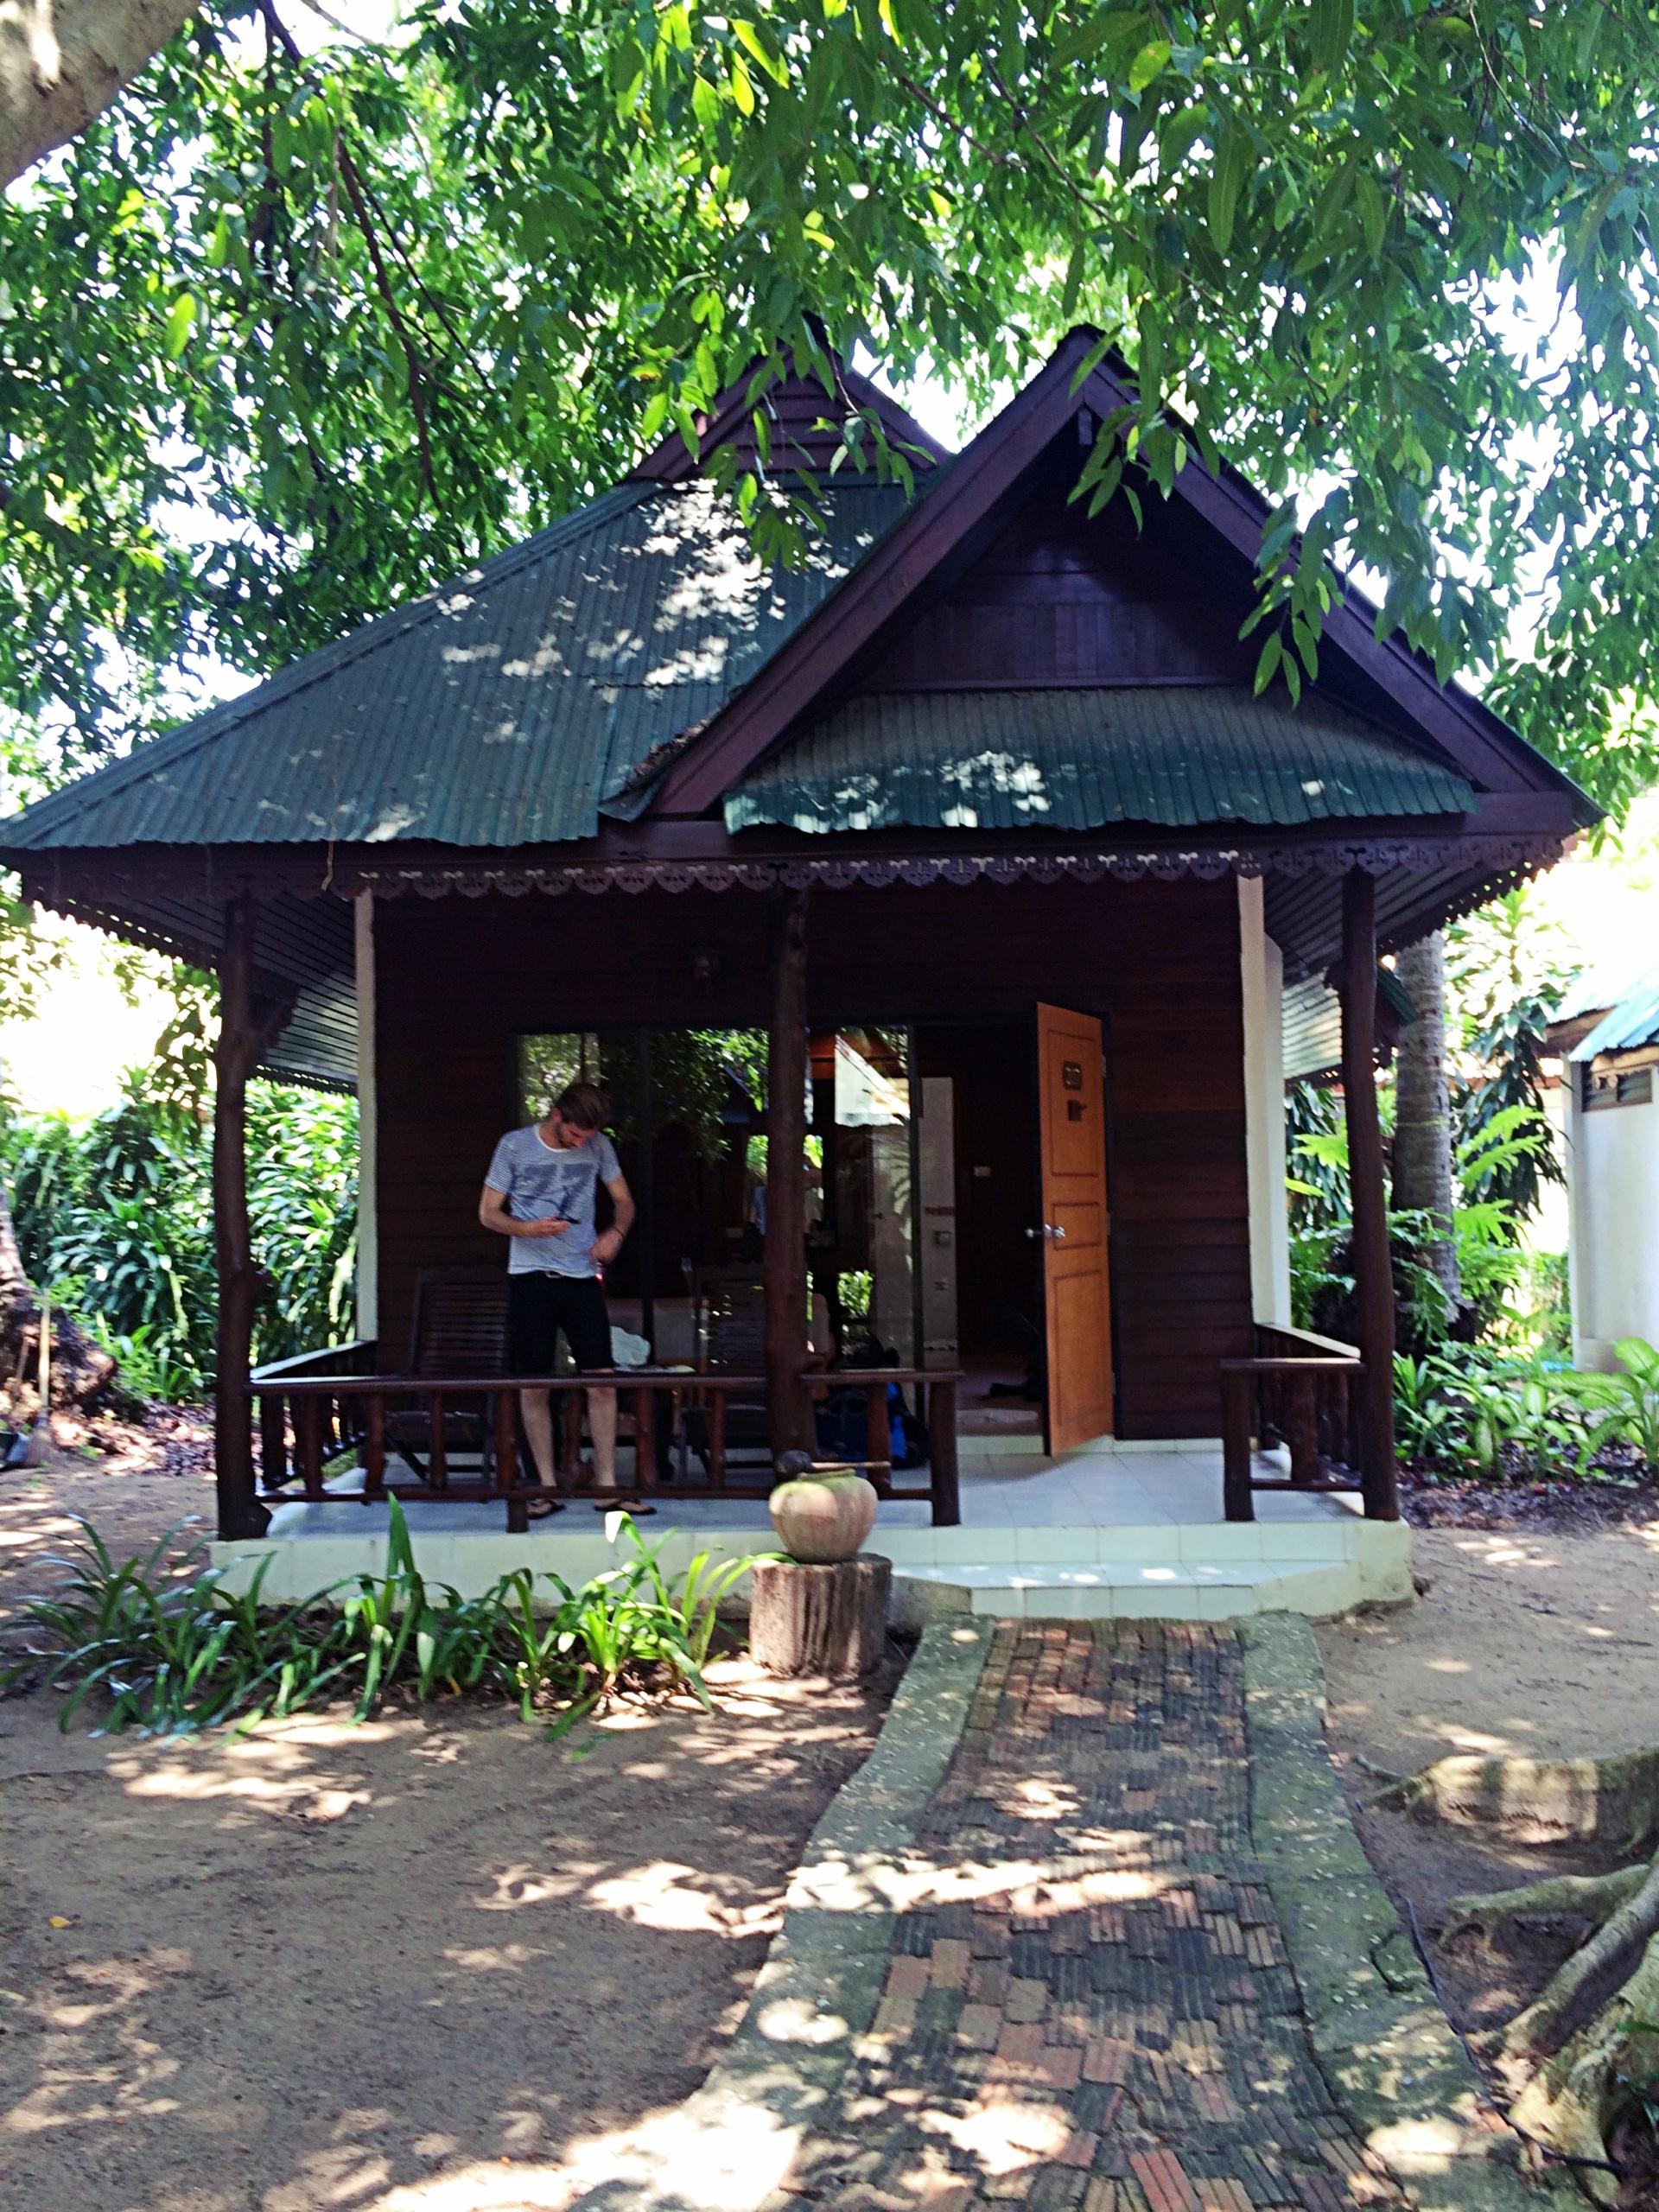 vany visits thailand krabi railay beach